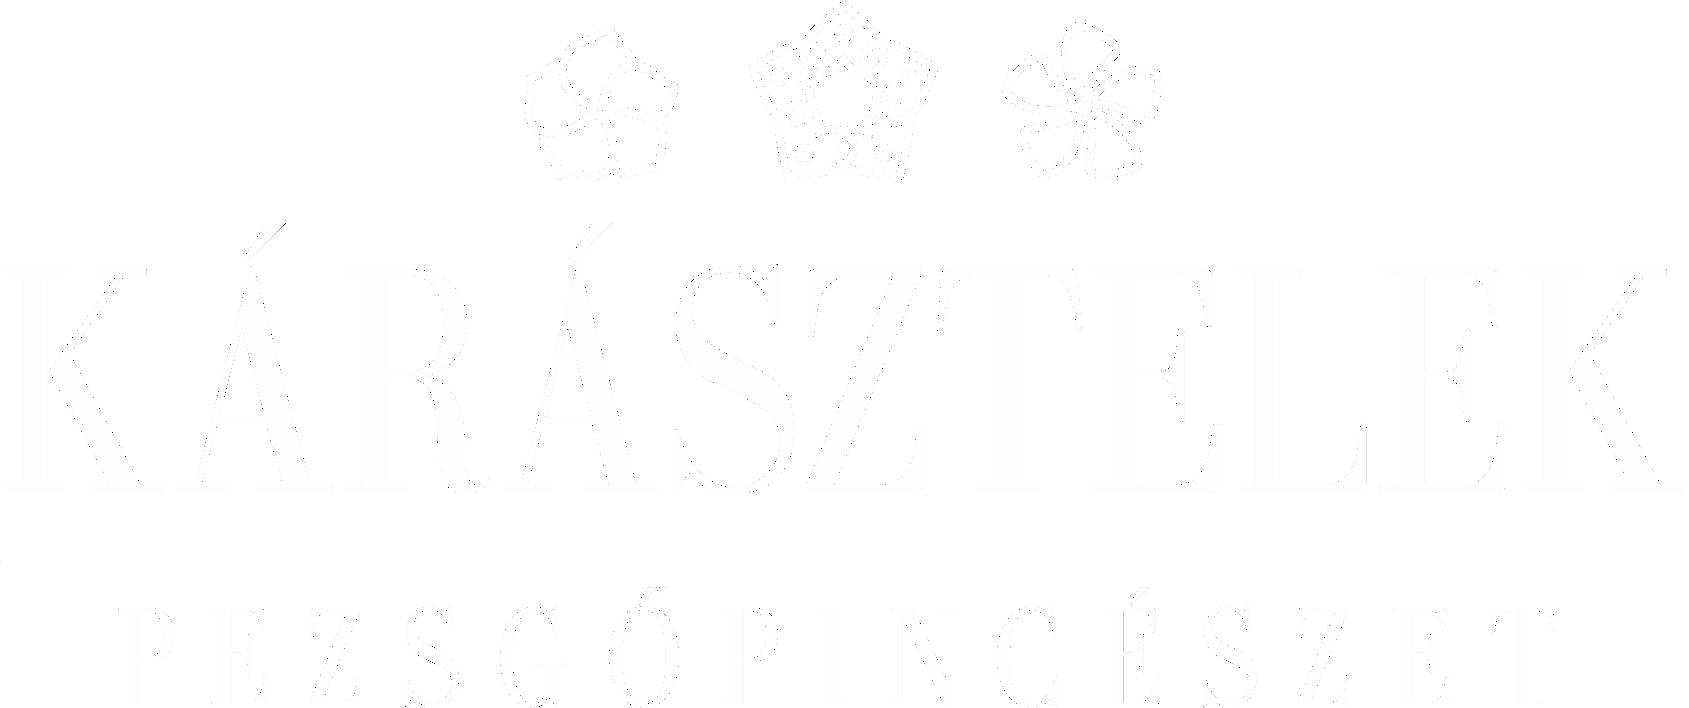 Karasztelek-pezsgopinceszet-white